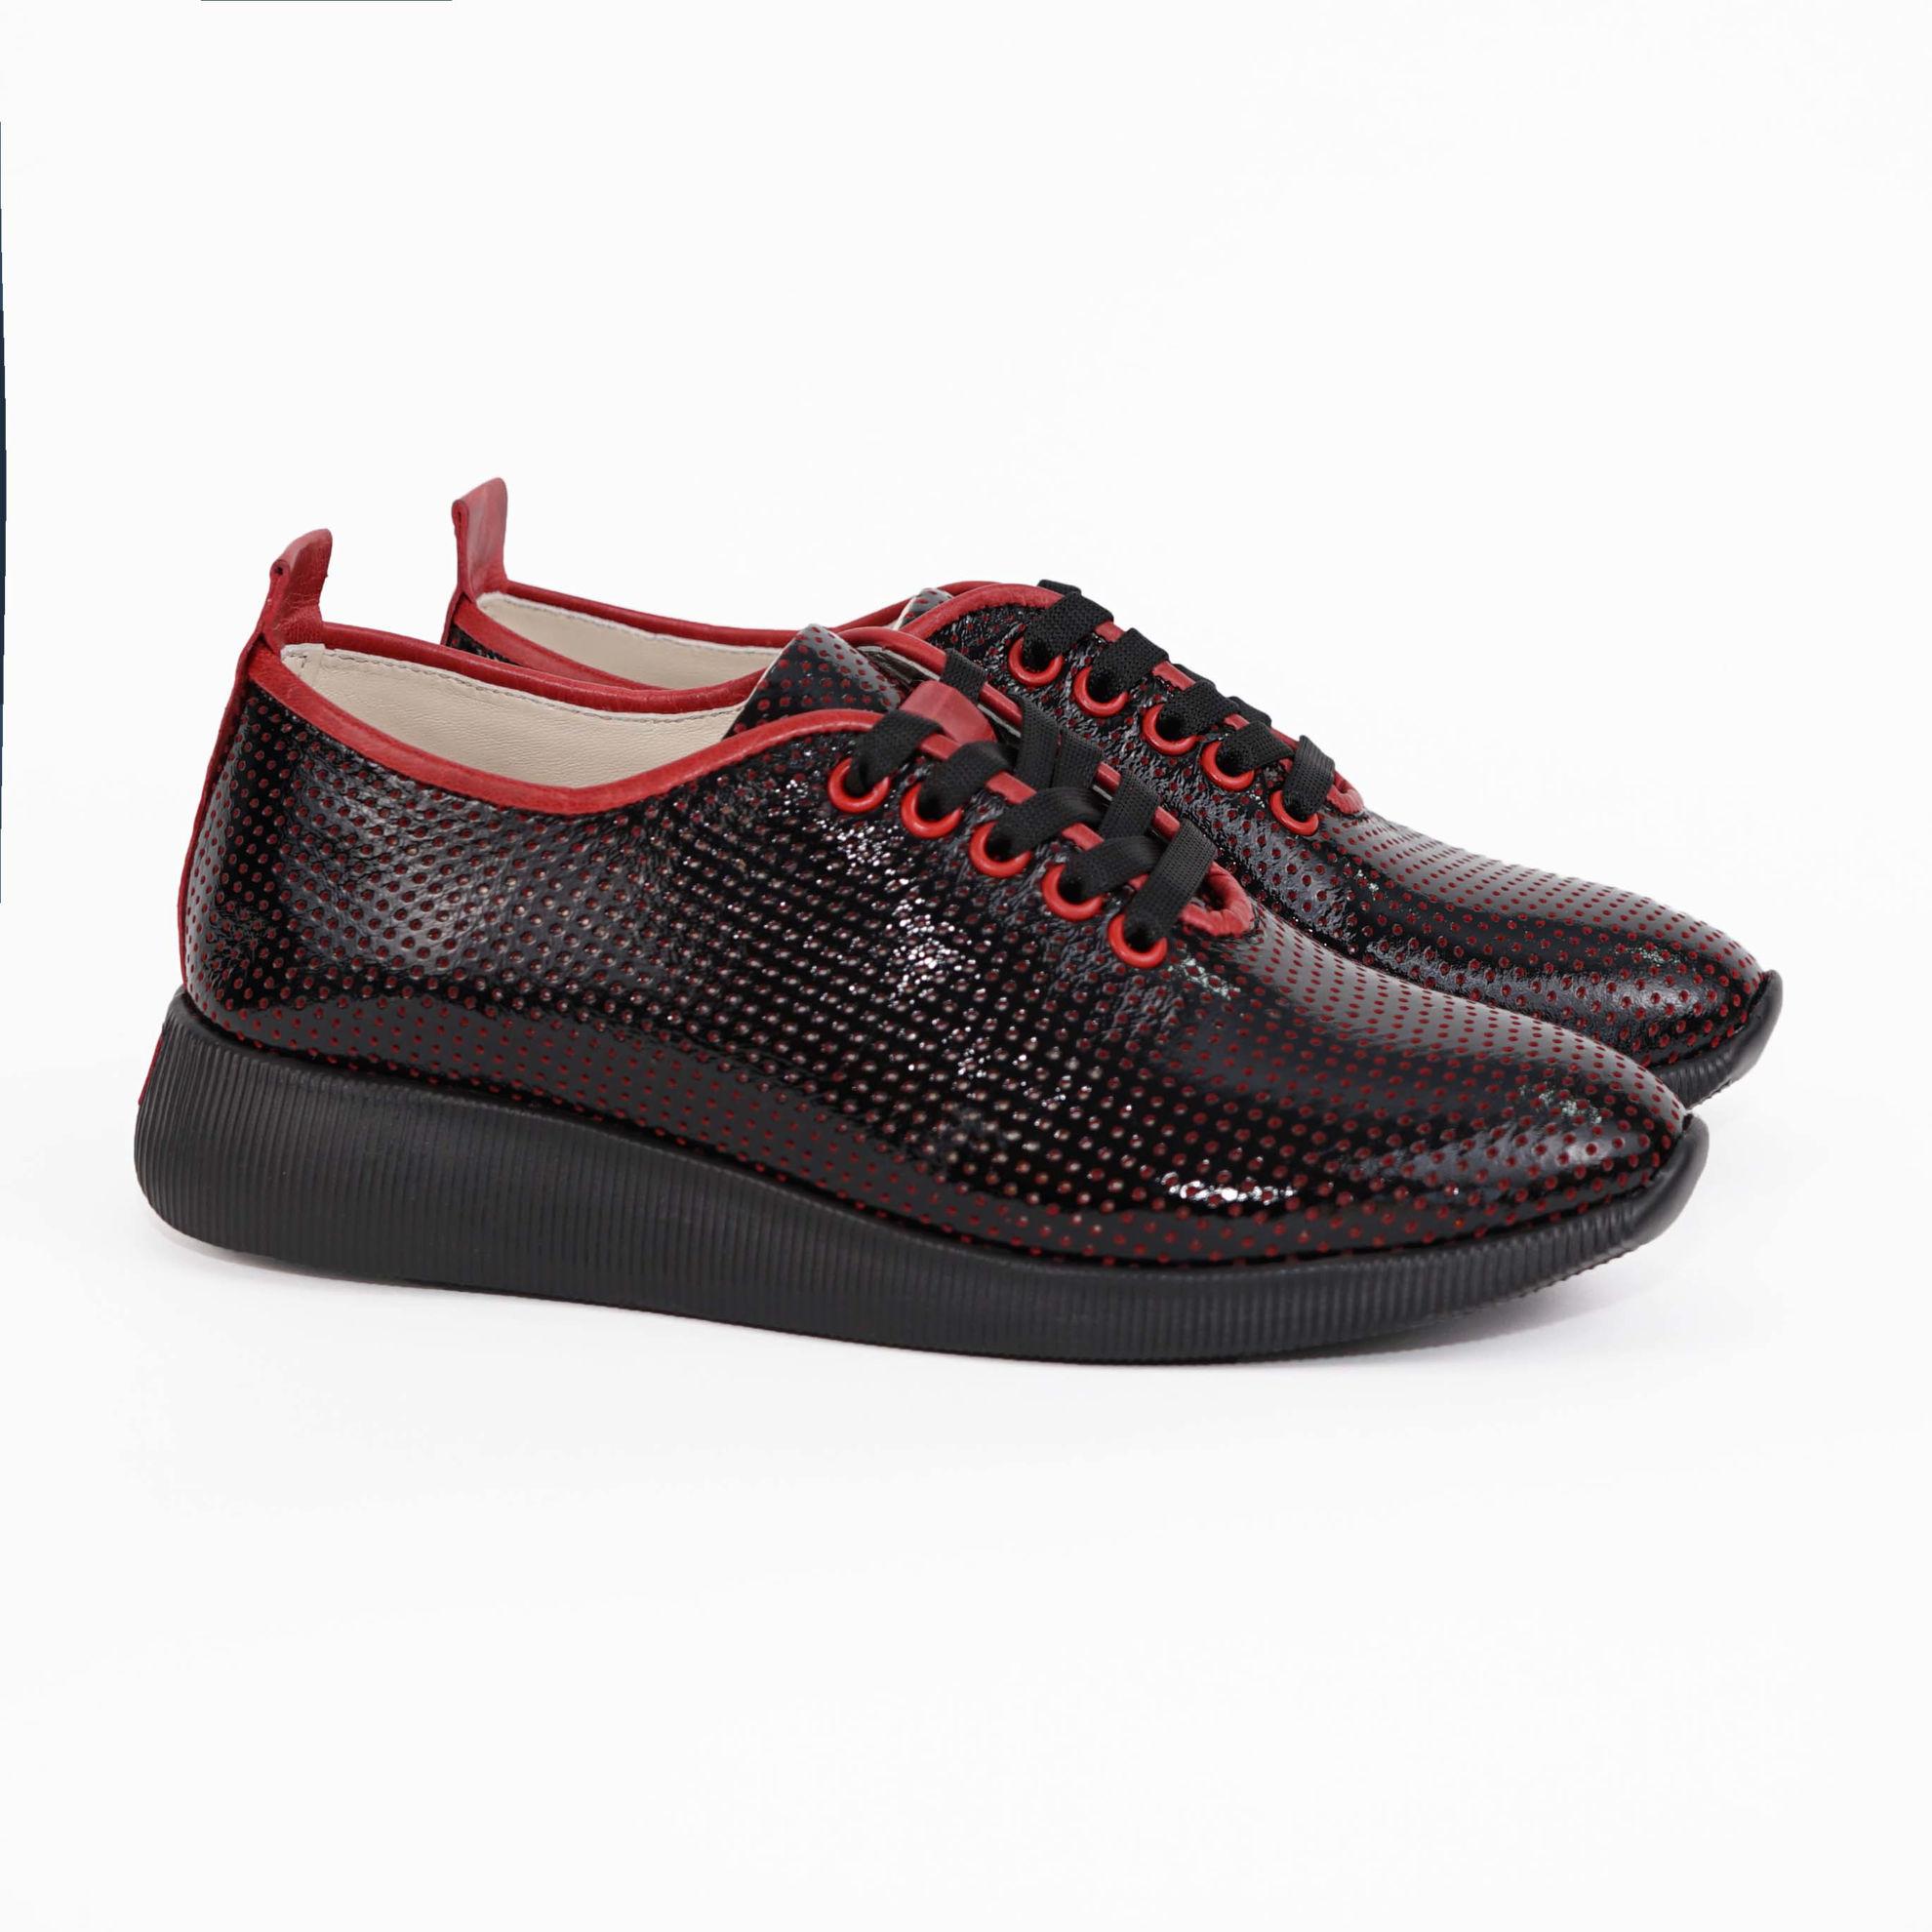 Imagine Pantofi damă piele naturală 145 Negru-rosu